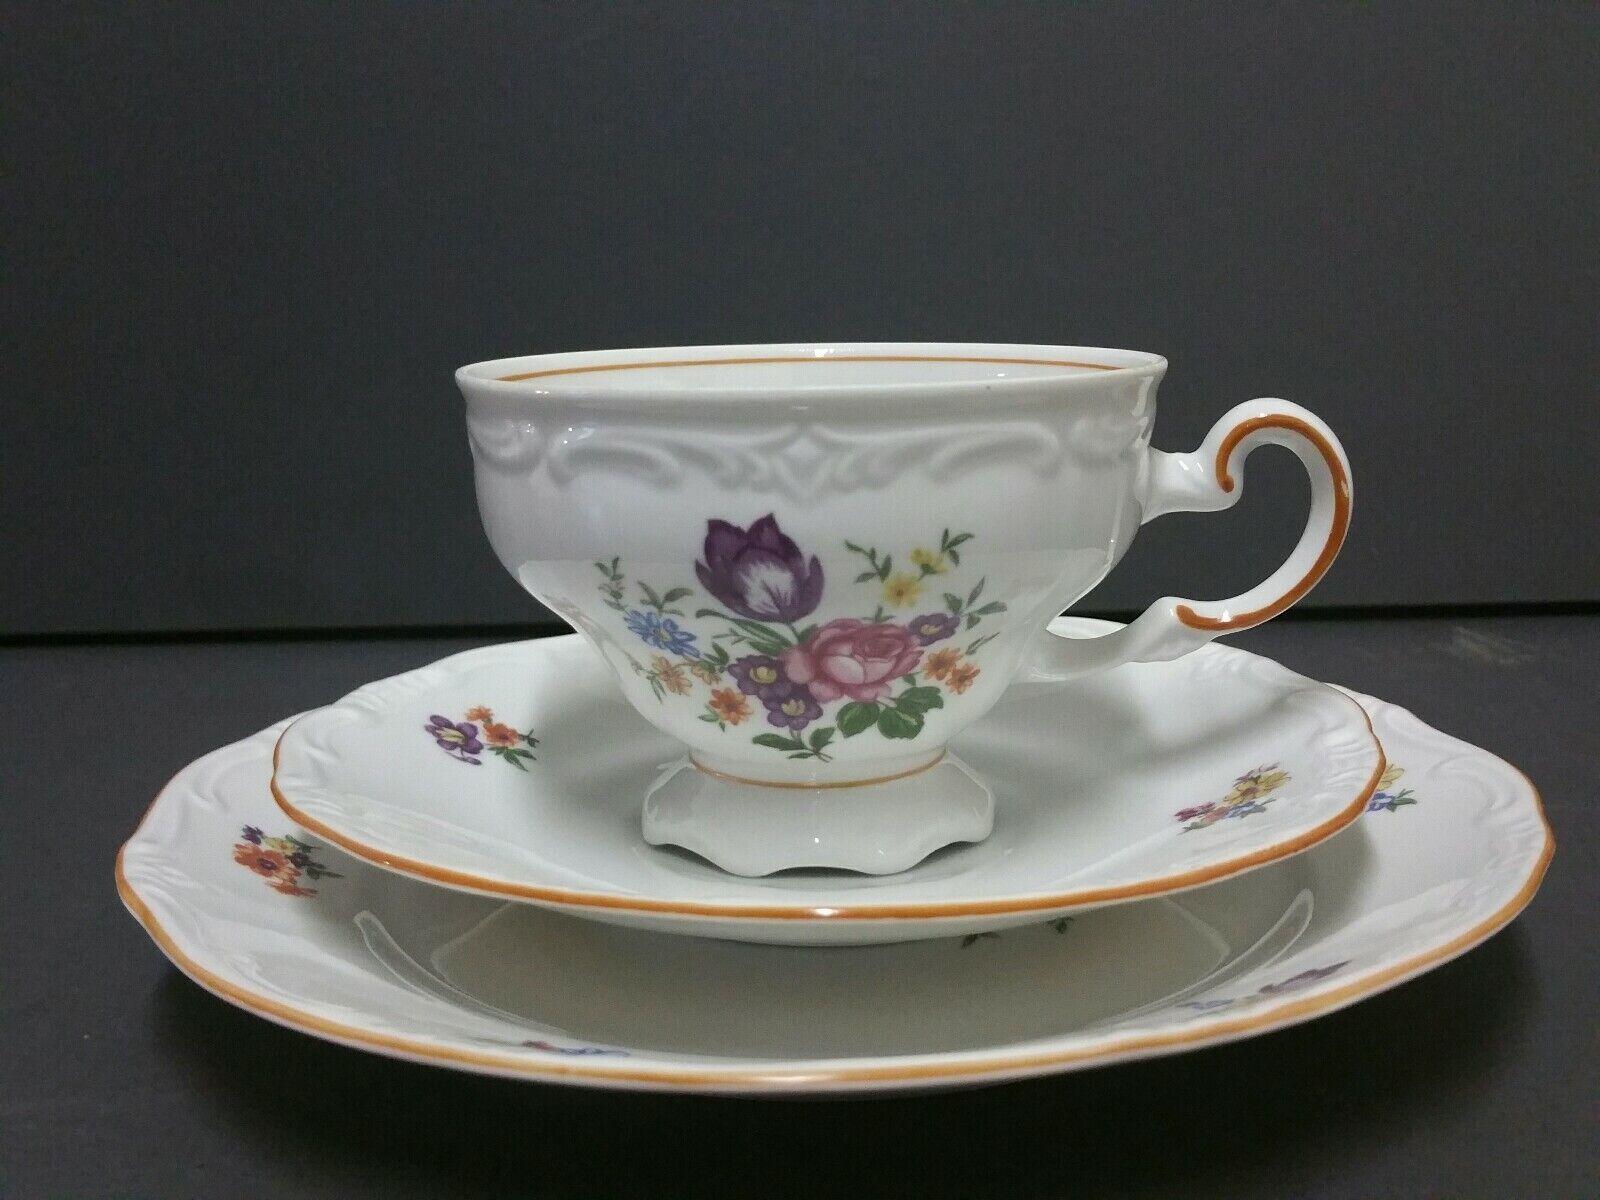 3tlg. Kaffeegedeck Tasse Teller Blumenstrauss Blumen orange Rand Relief Weimar